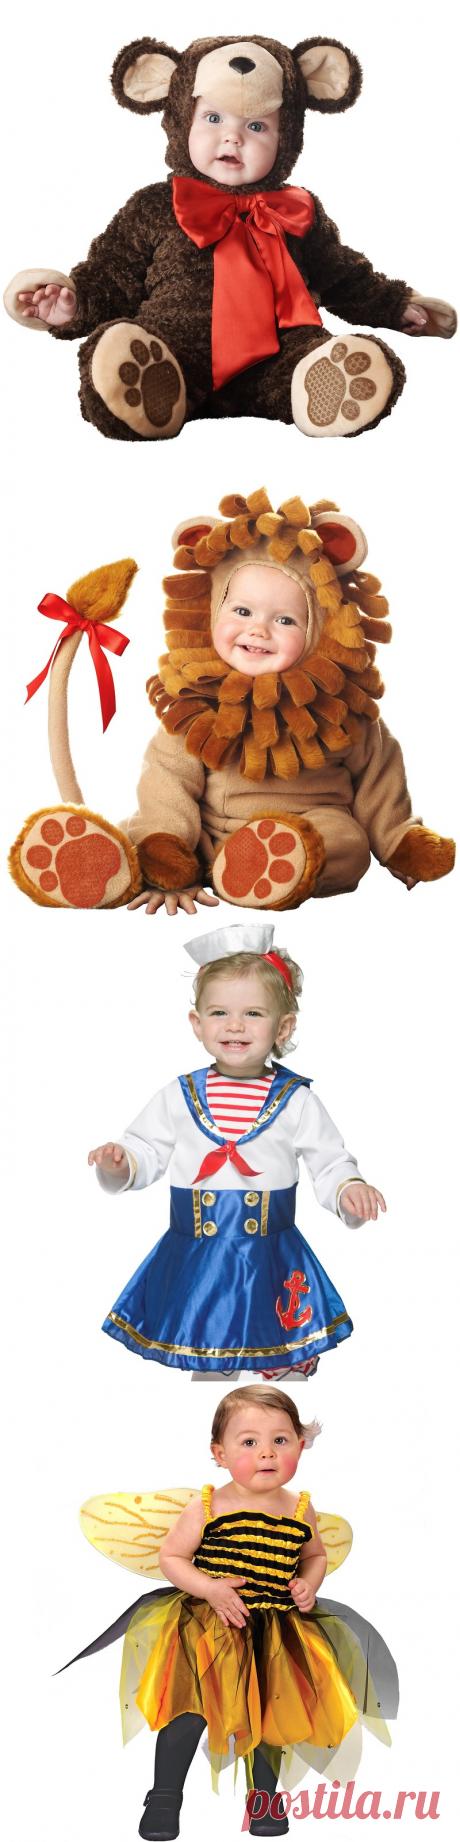 Малыши в карнавальных костюмах + выкройки.